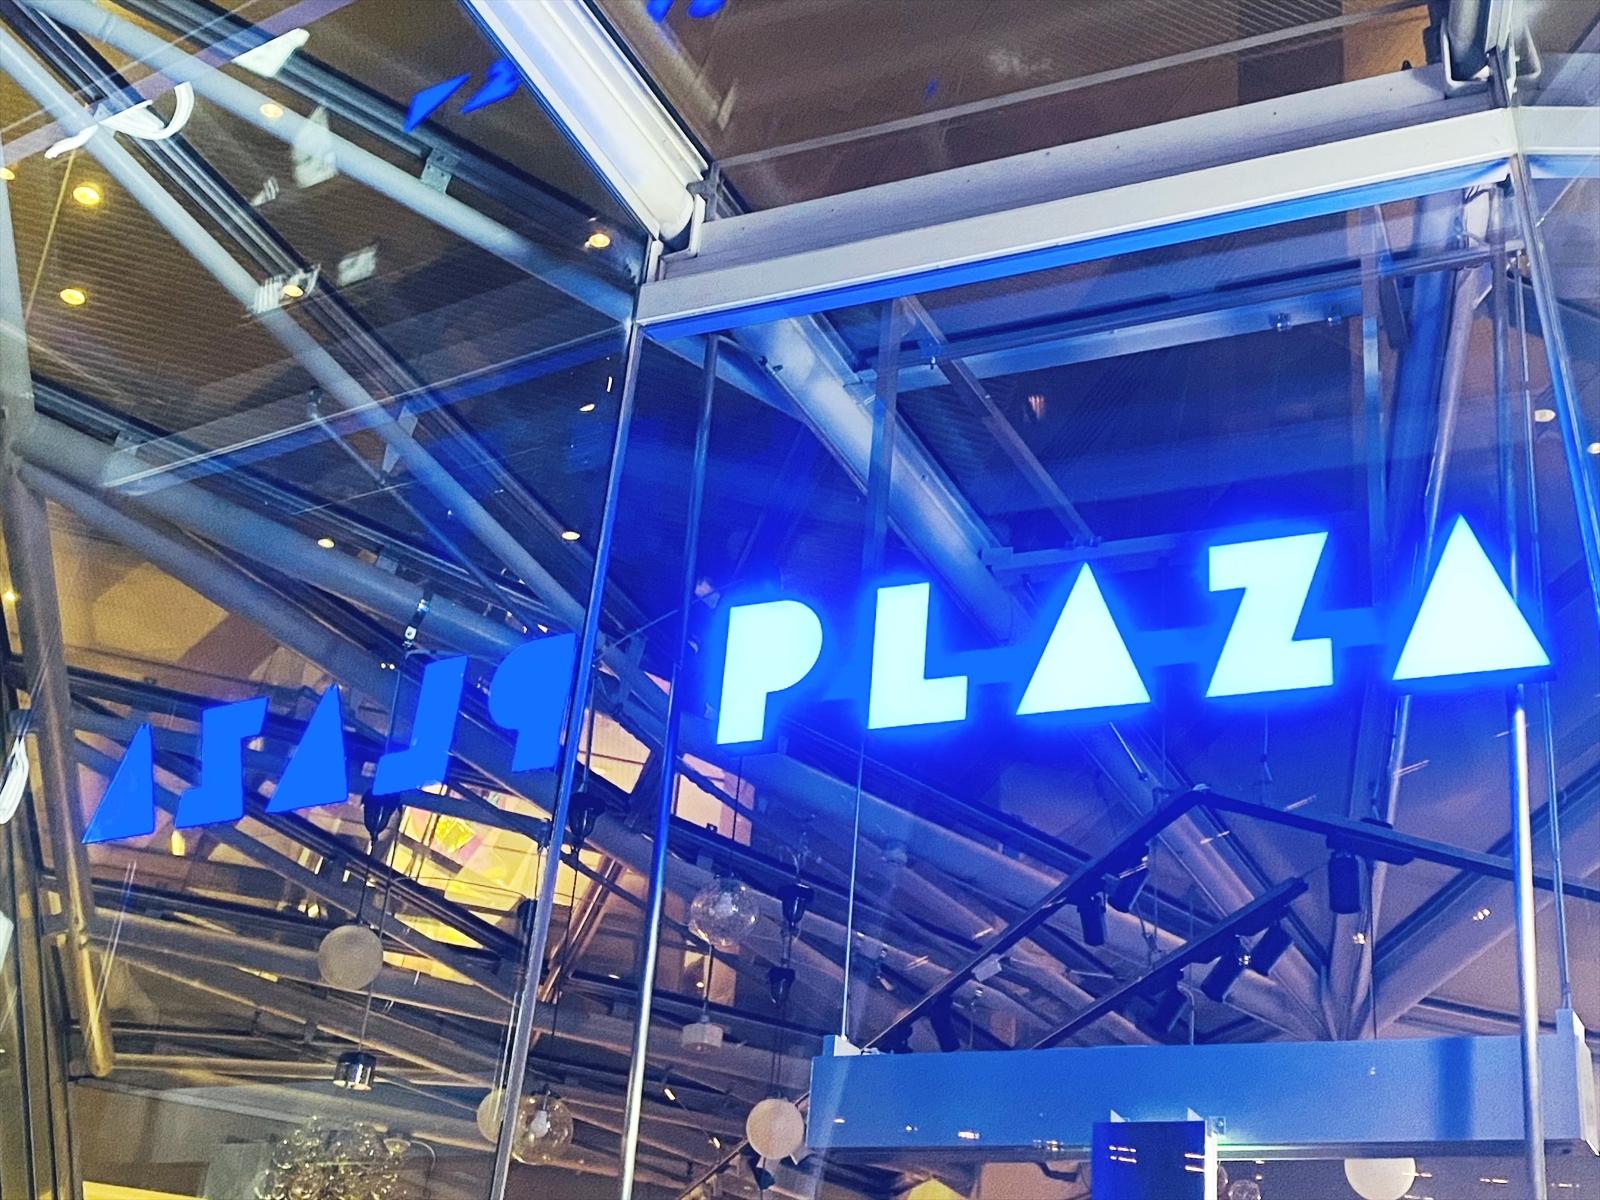 東京国際フォーラム プラザ店。今回は、こちらで購入!